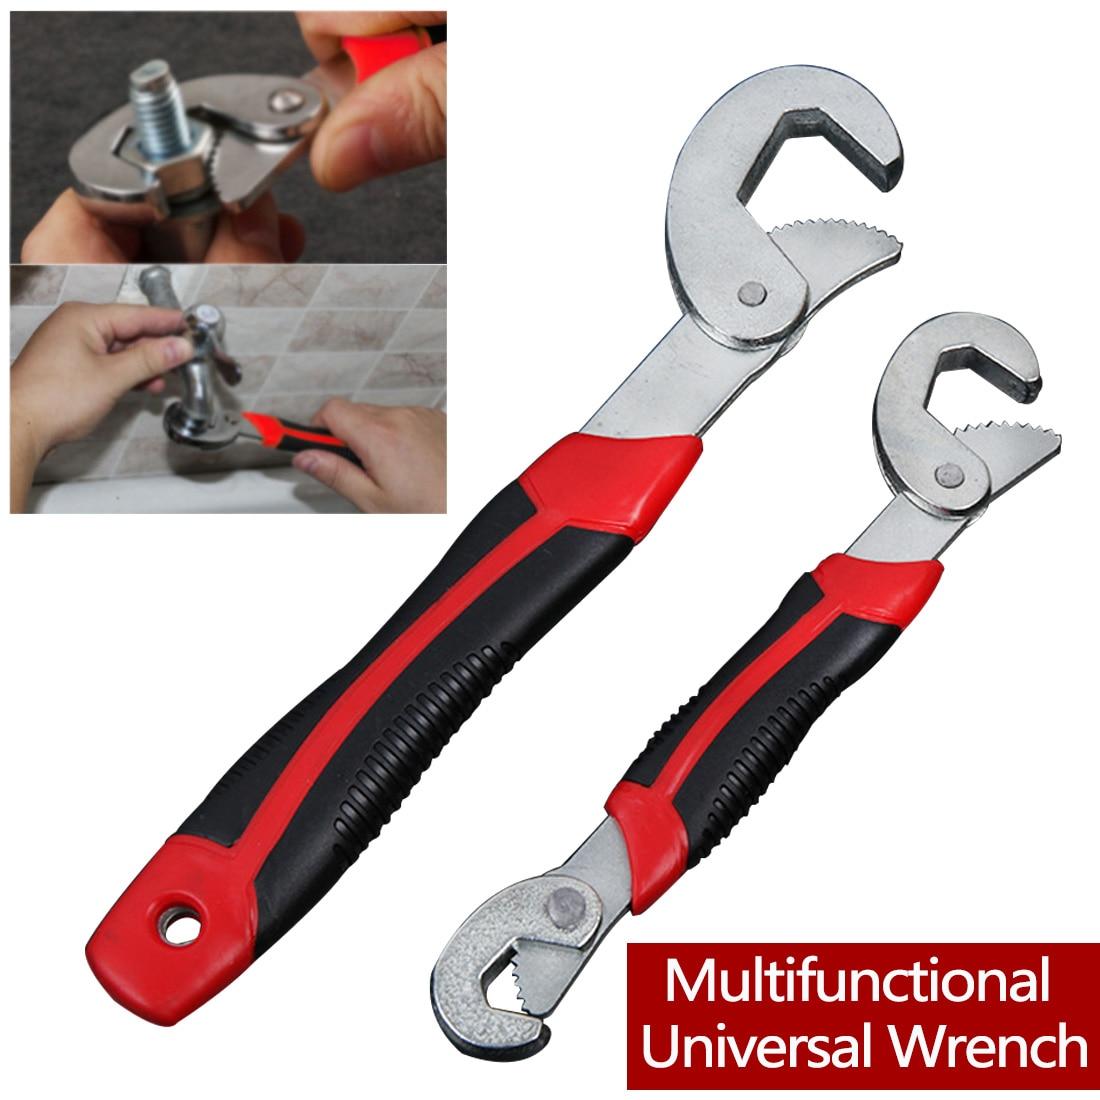 Universal Multi-función llave 8-32mm trinquete llave inglesa herramientas de mano ajustable Grip Wrench Set